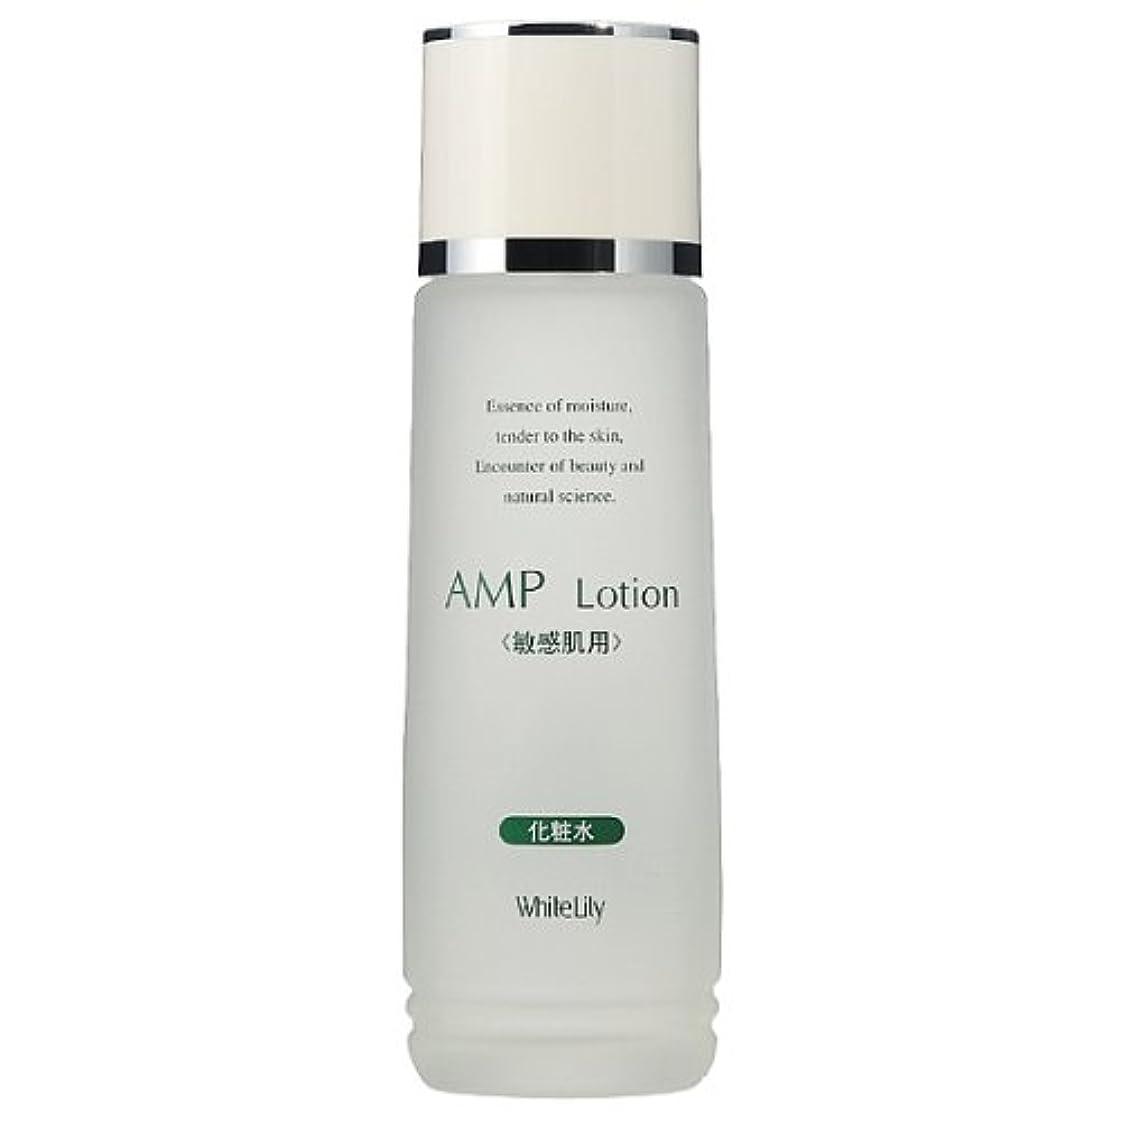 ホワイトリリー AMPローション 240mL 化粧水